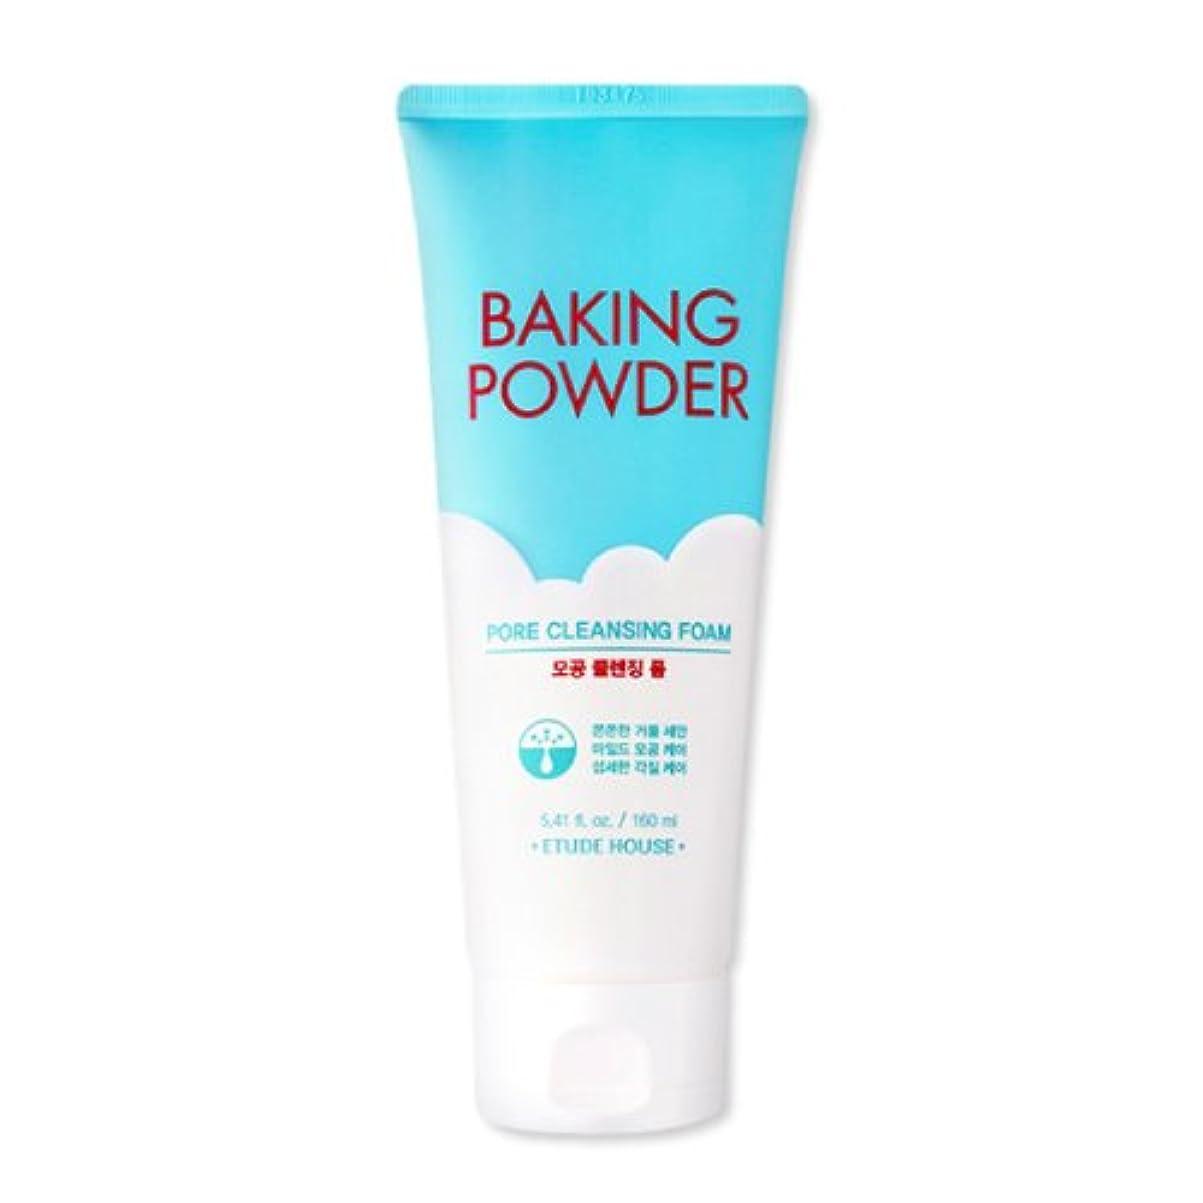 [エチュードハウス] Etude House ベーキングパウダー毛穴クレンジングフォーム160ml Baking Powder Pore Cleansing Foam (海外直送品) [並行輸入品]